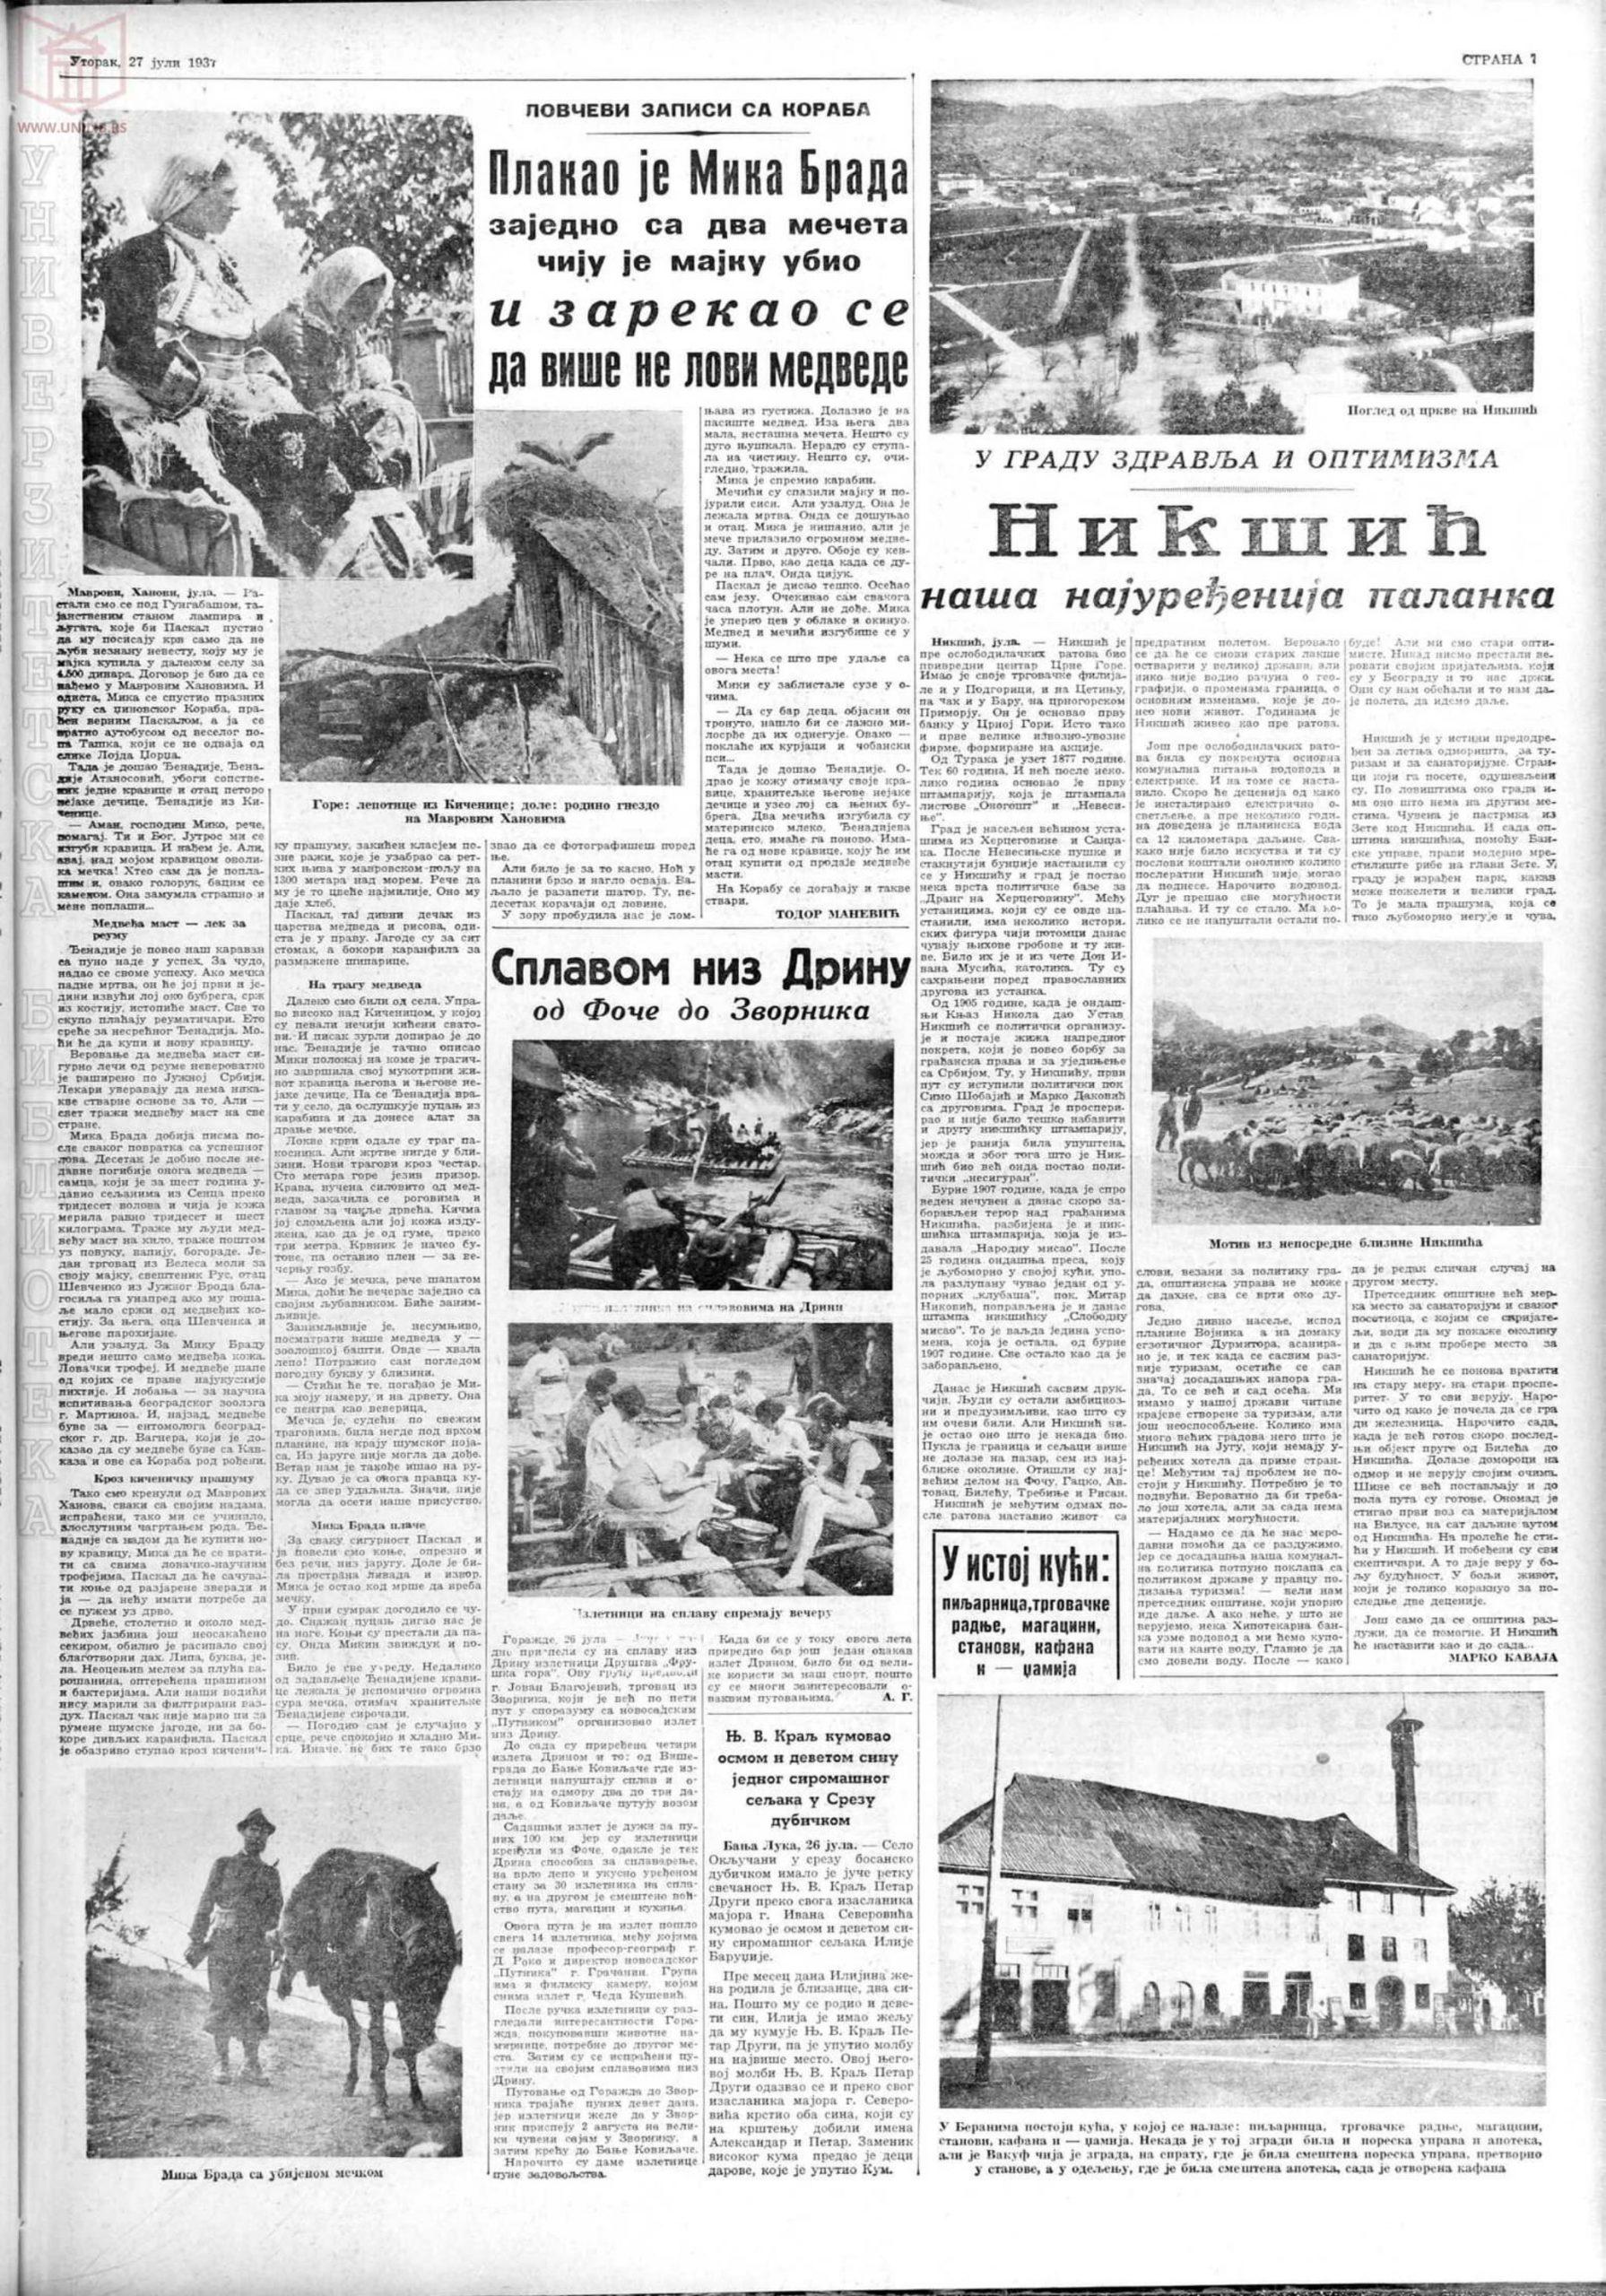 Vreme 27.07.1937 p7-1